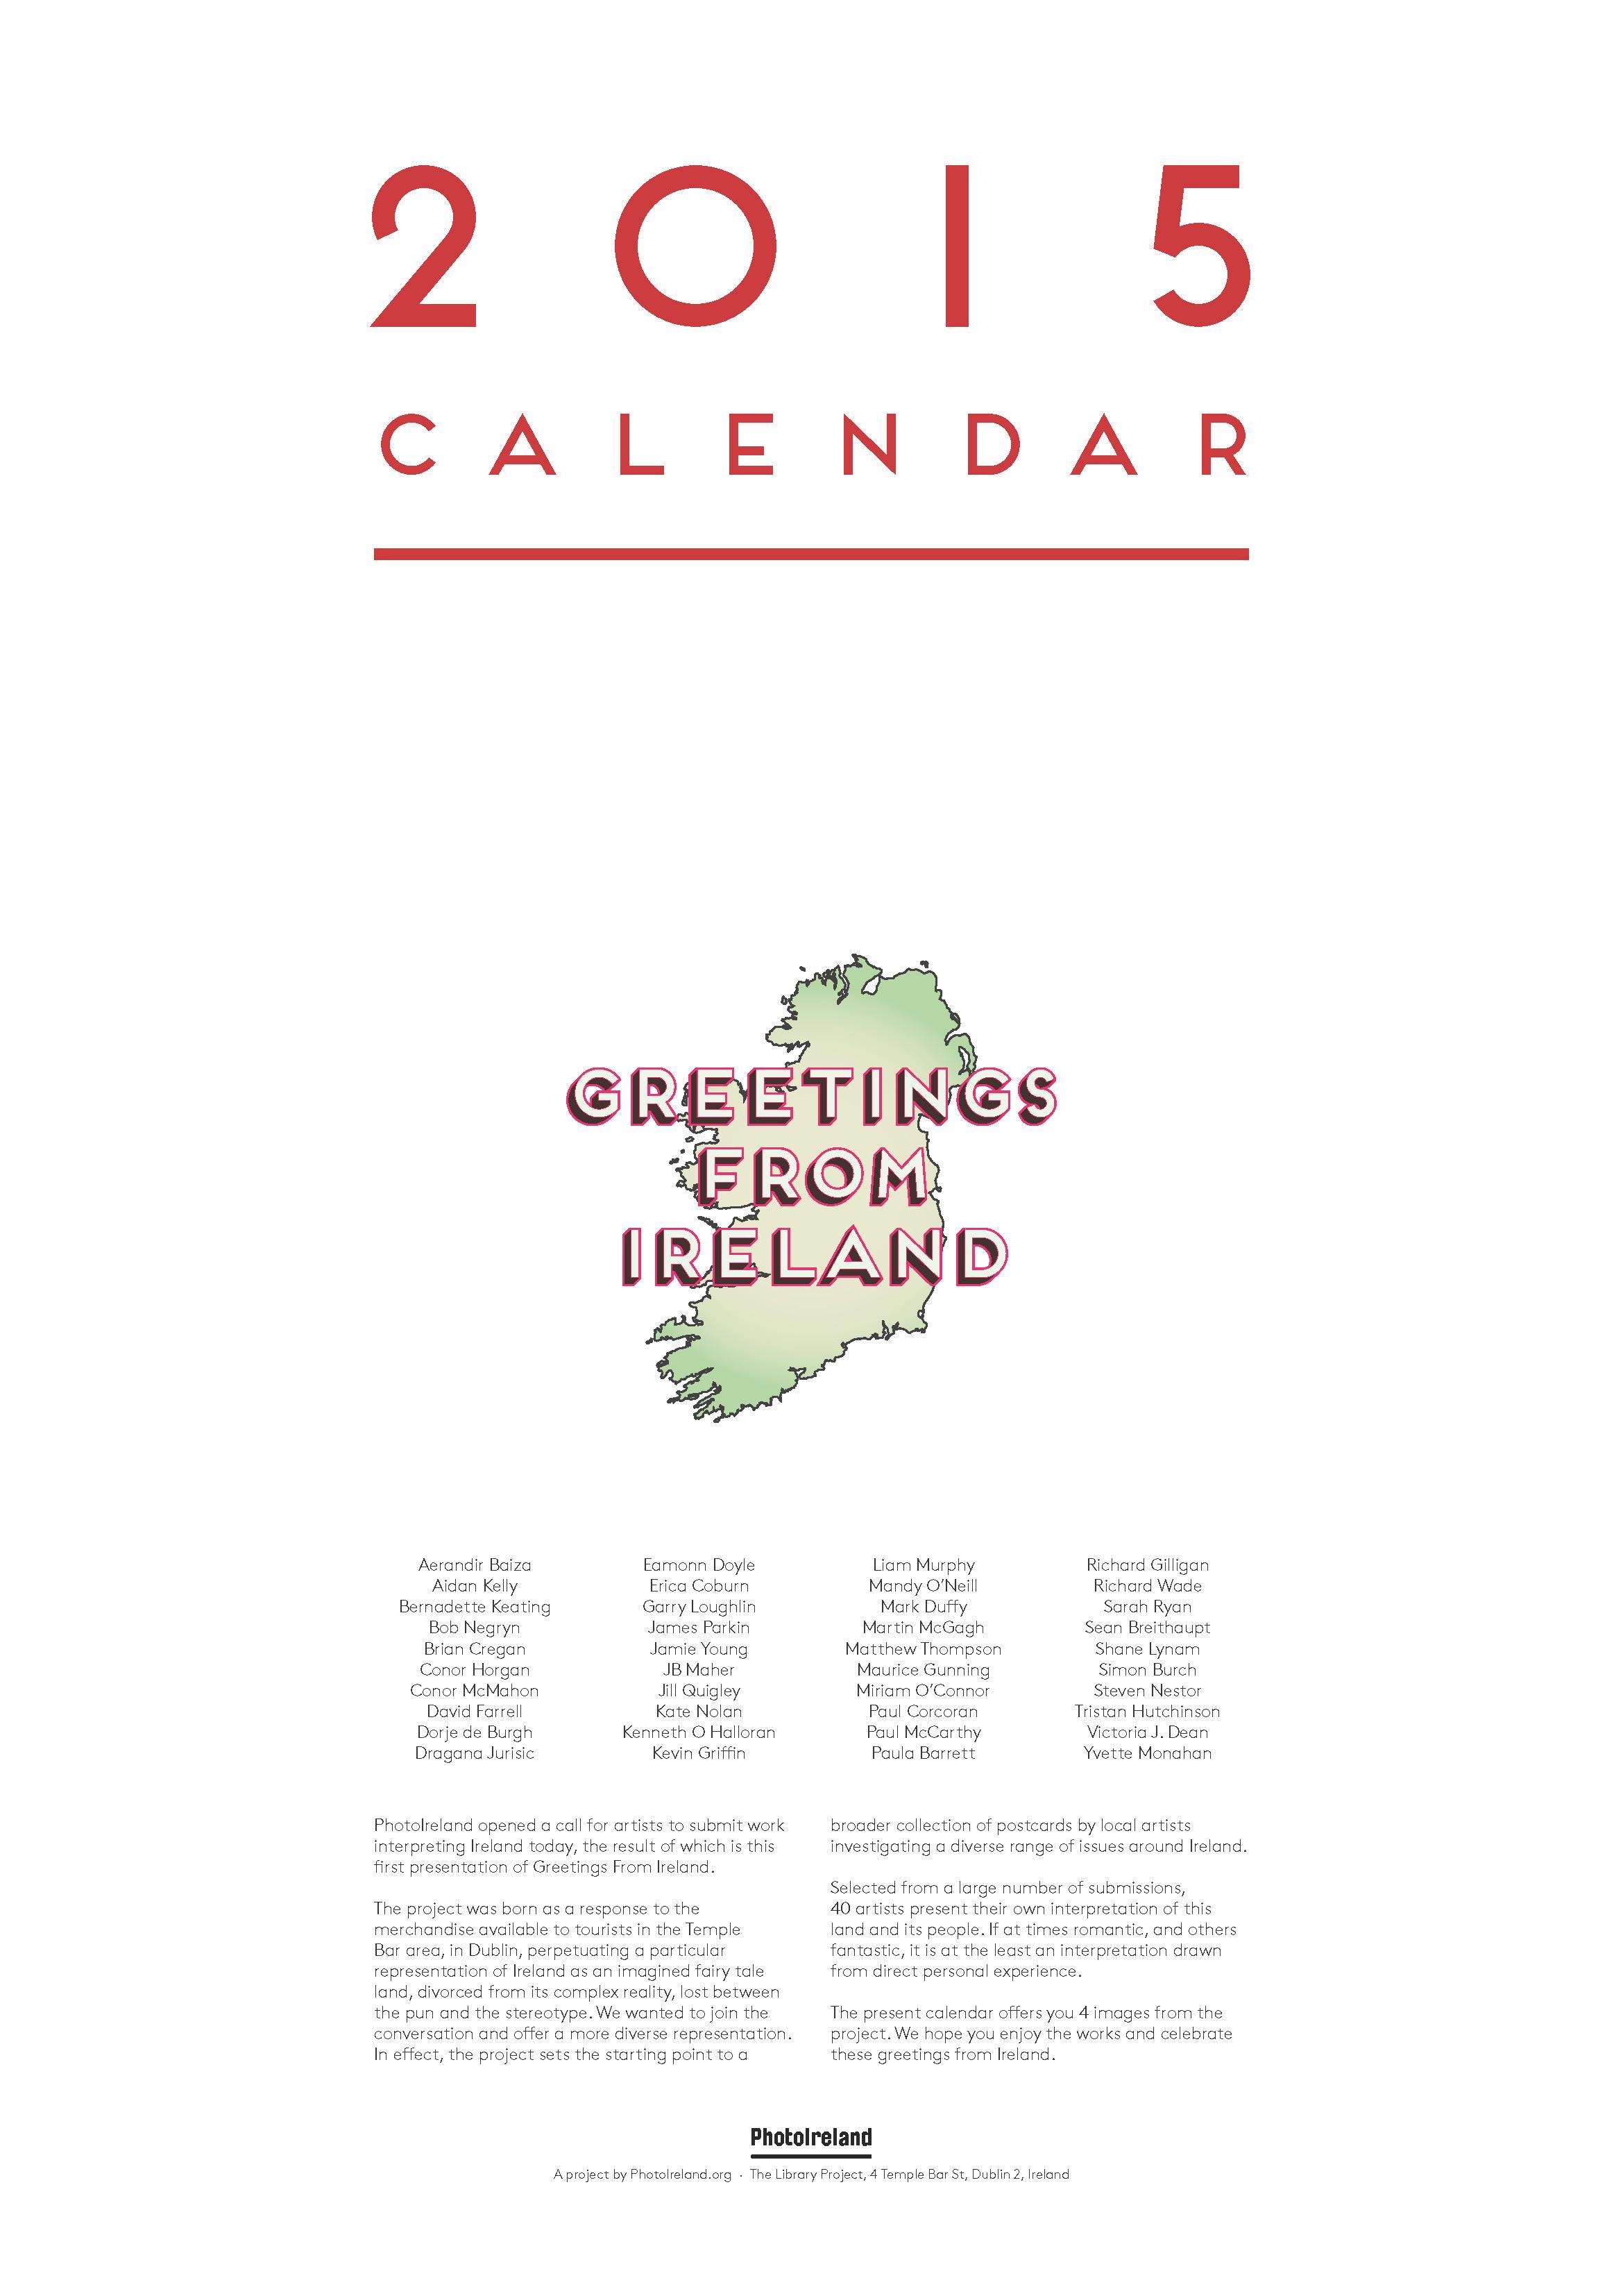 Greetings From Ireland Photoireland Foundation